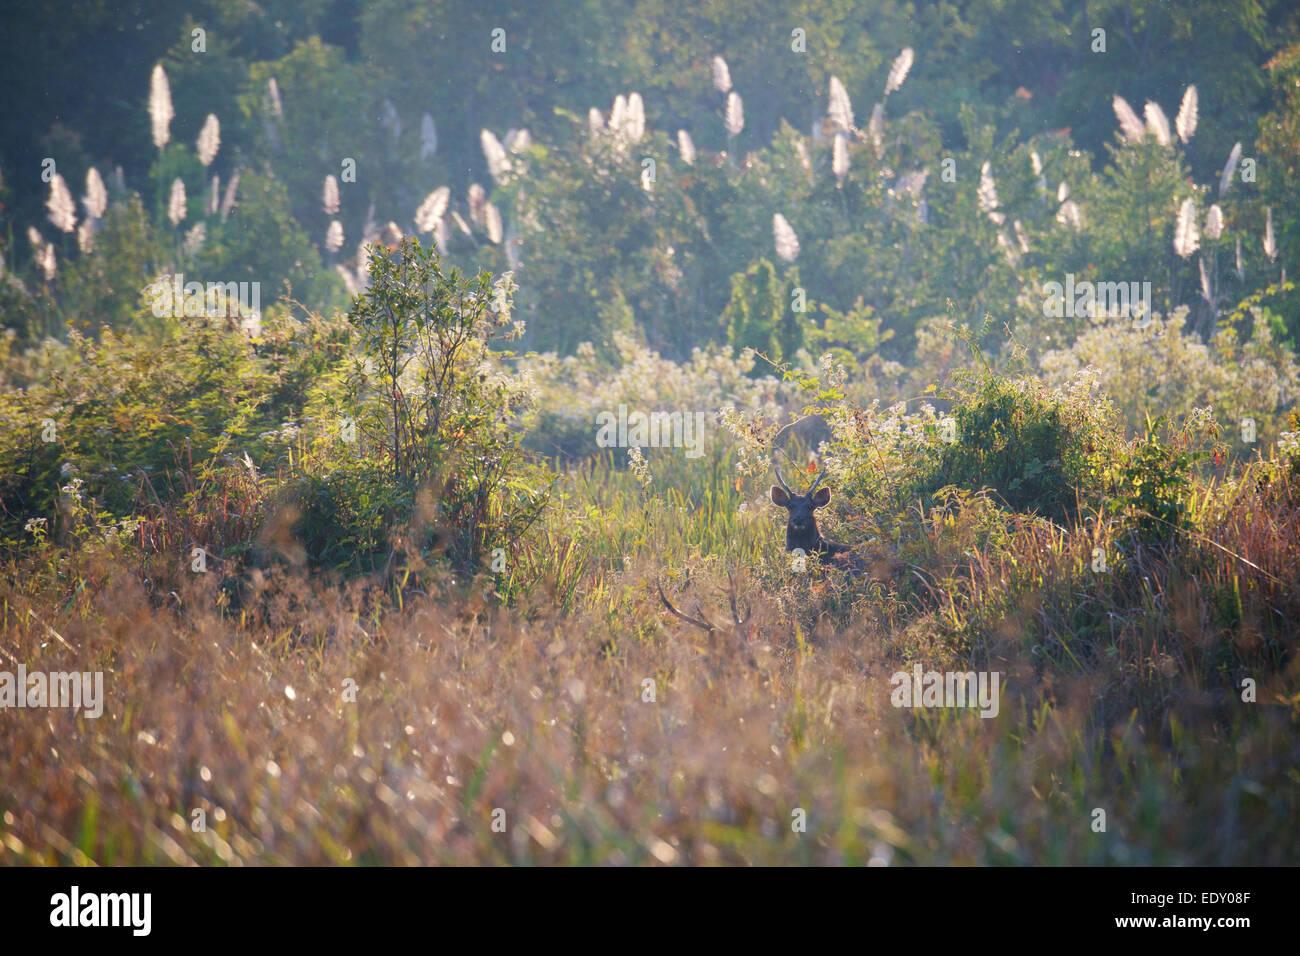 Rusa unicolor, ciervos Sambar, en Phu Khieo Wildlife Sanctuary, Tailandia. Imagen De Stock